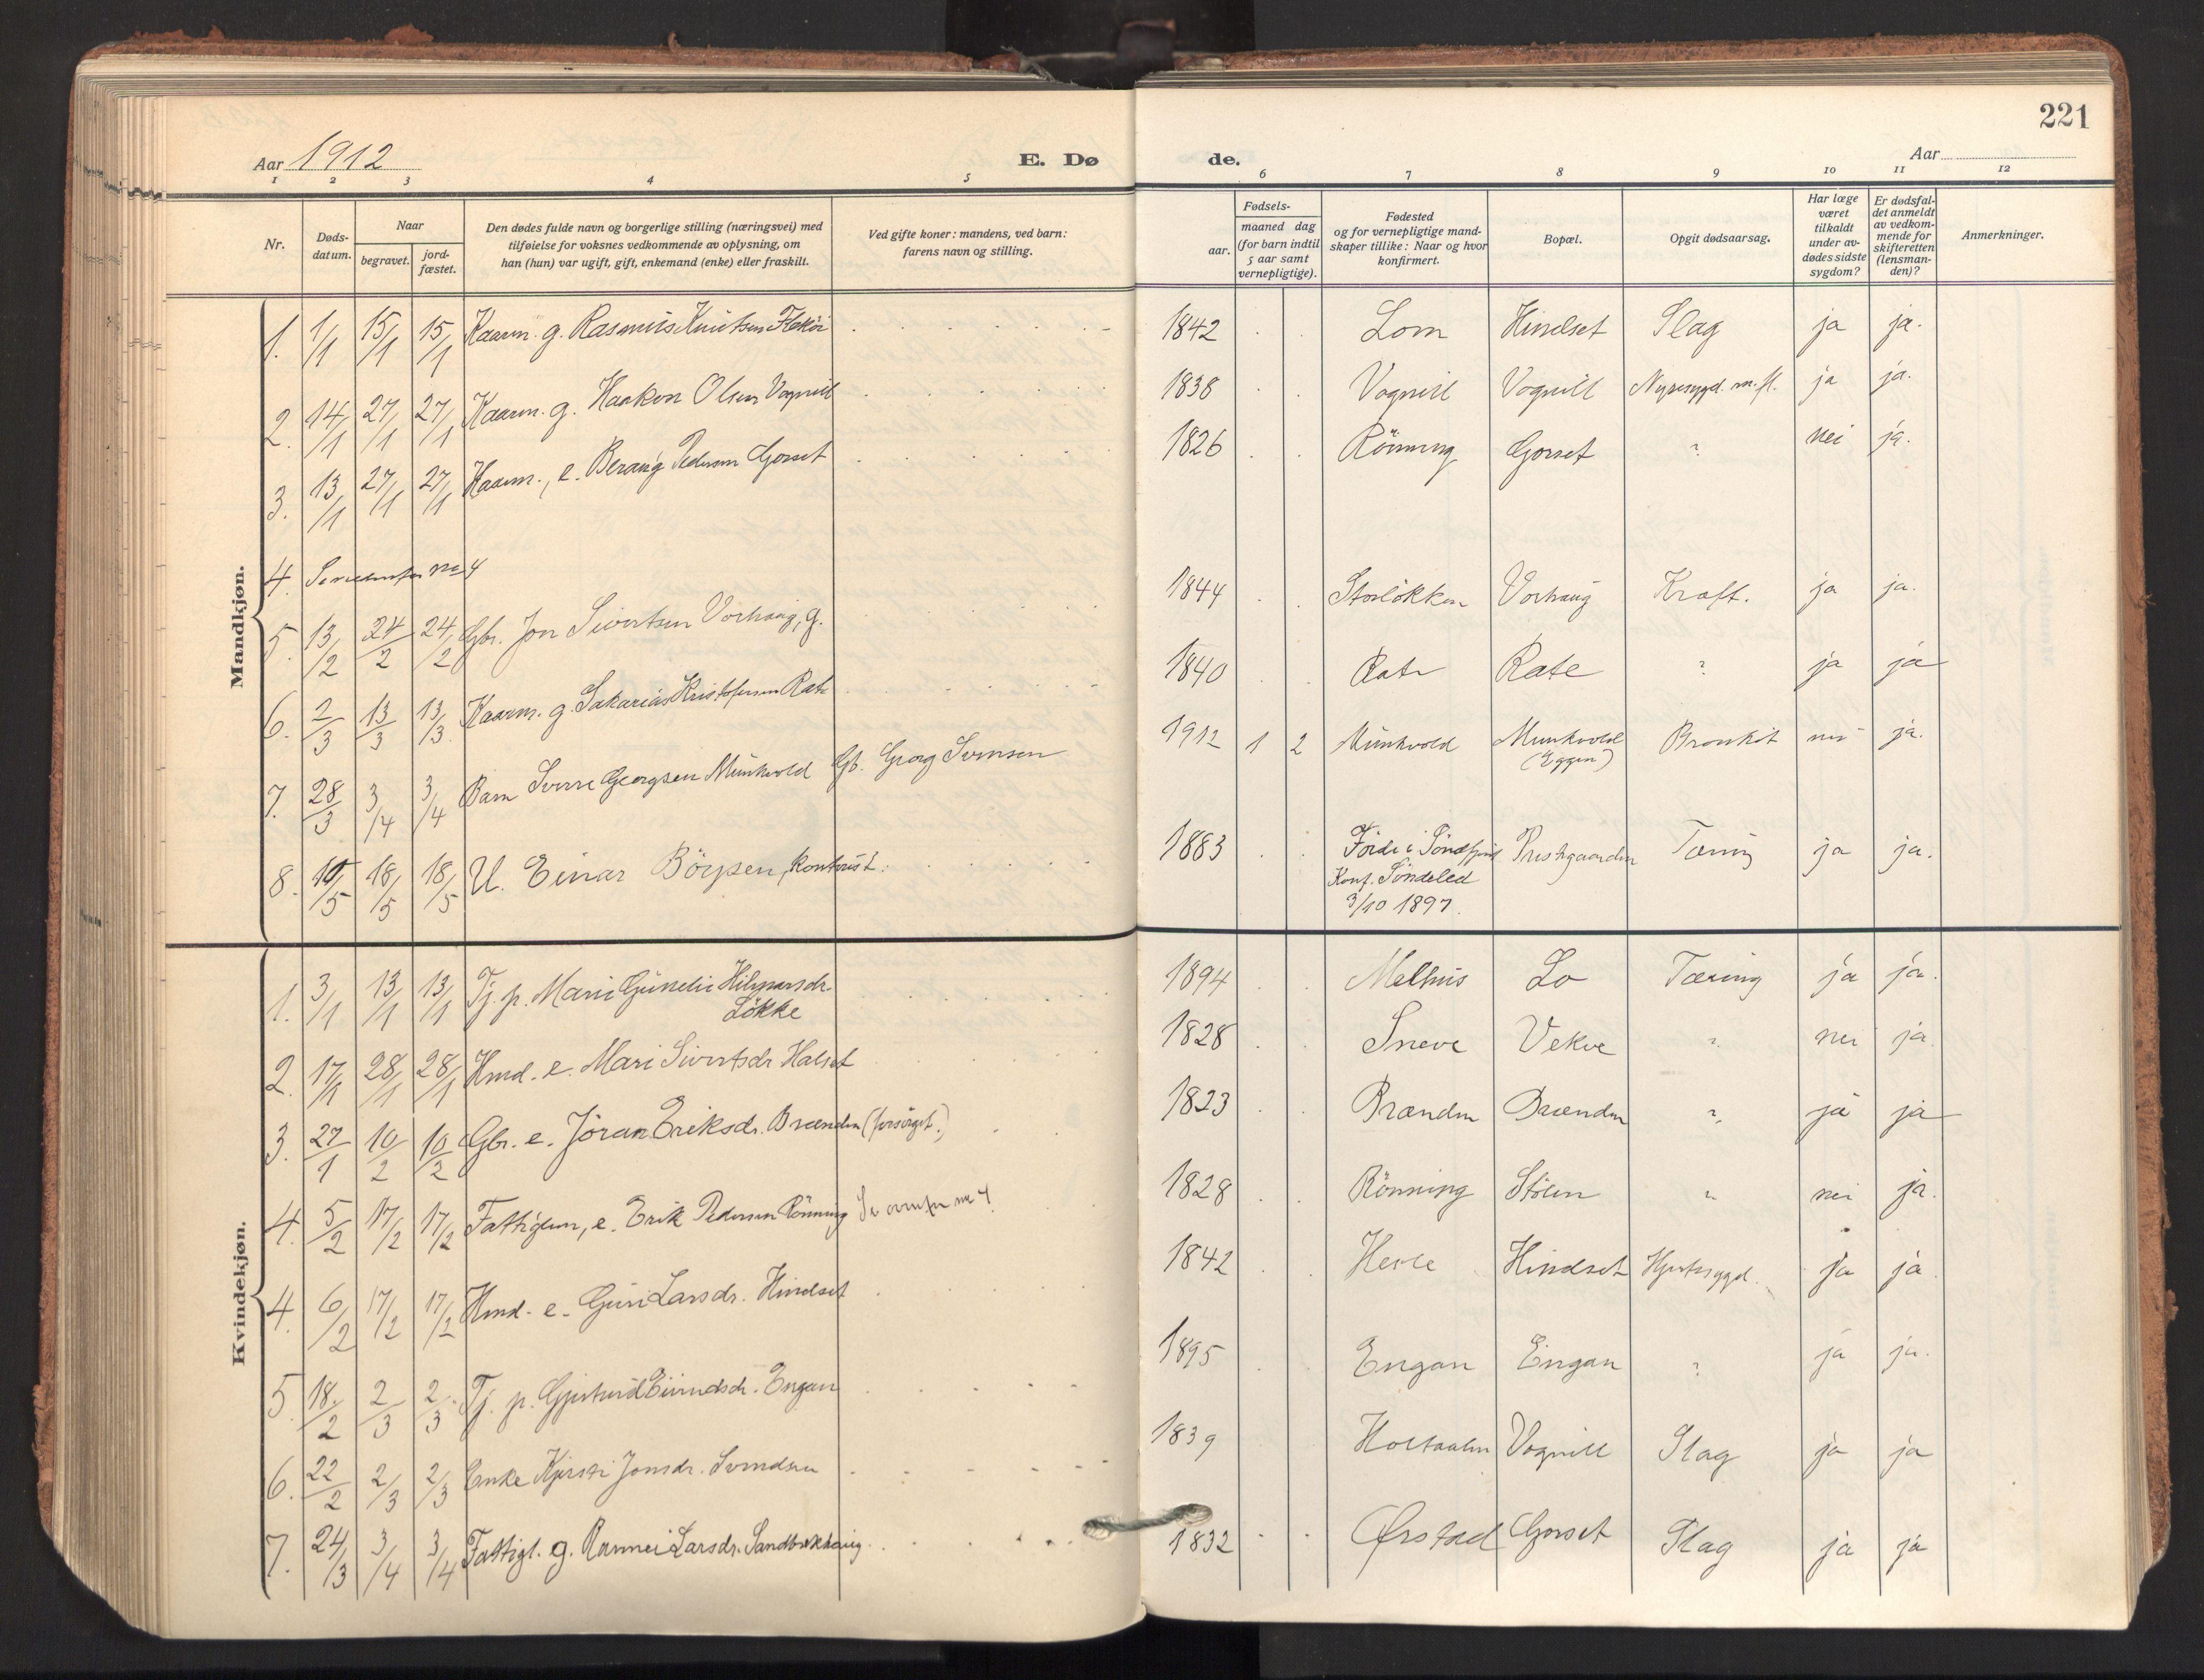 SAT, Ministerialprotokoller, klokkerbøker og fødselsregistre - Sør-Trøndelag, 678/L0909: Ministerialbok nr. 678A17, 1912-1930, s. 221